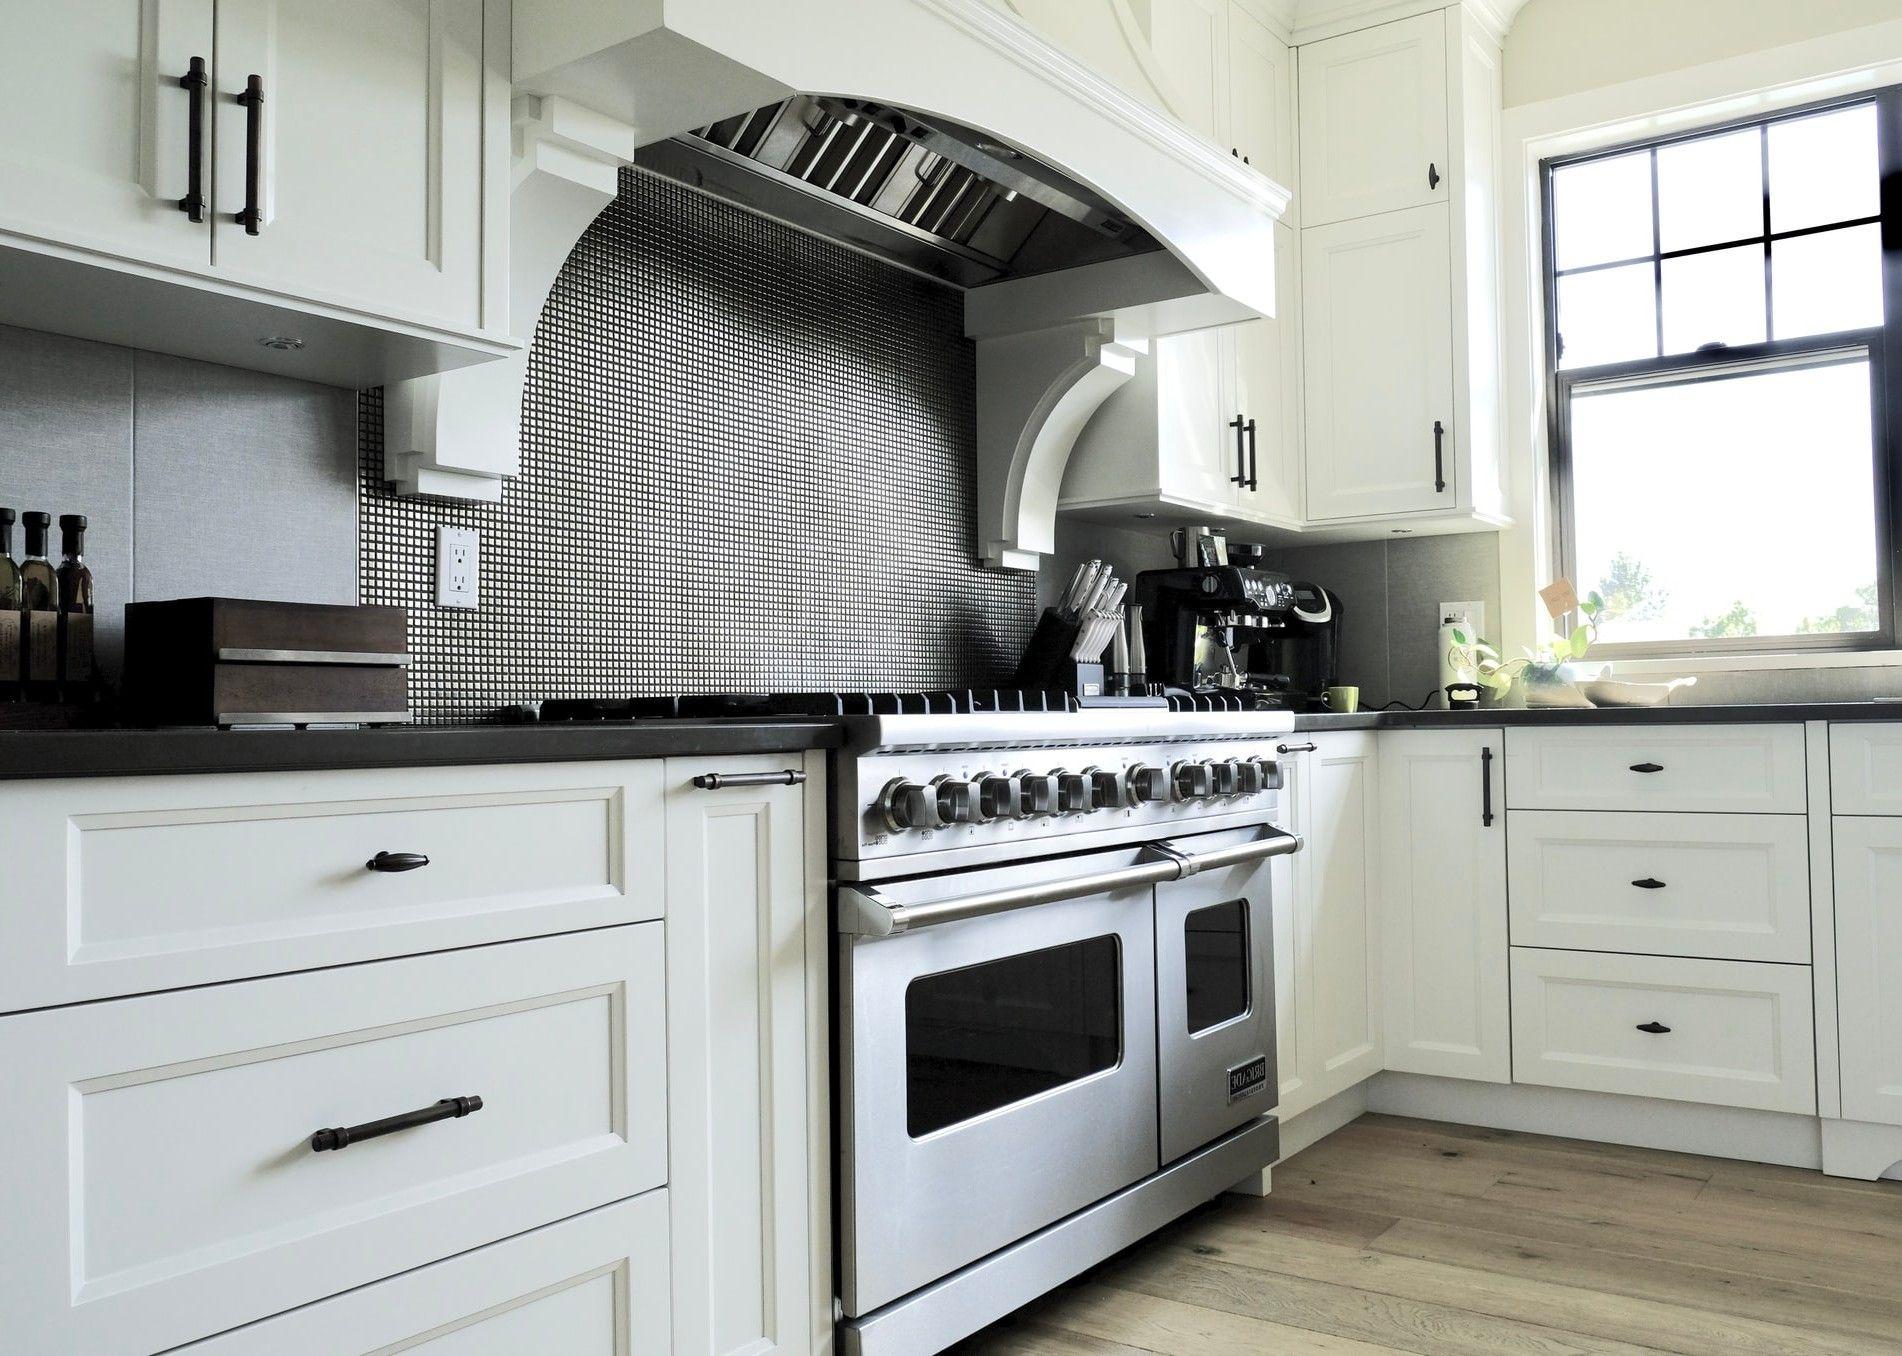 Hohe Arbeitsplatte Kuche Ikea In 2020 Home Decor Decor Kitchen